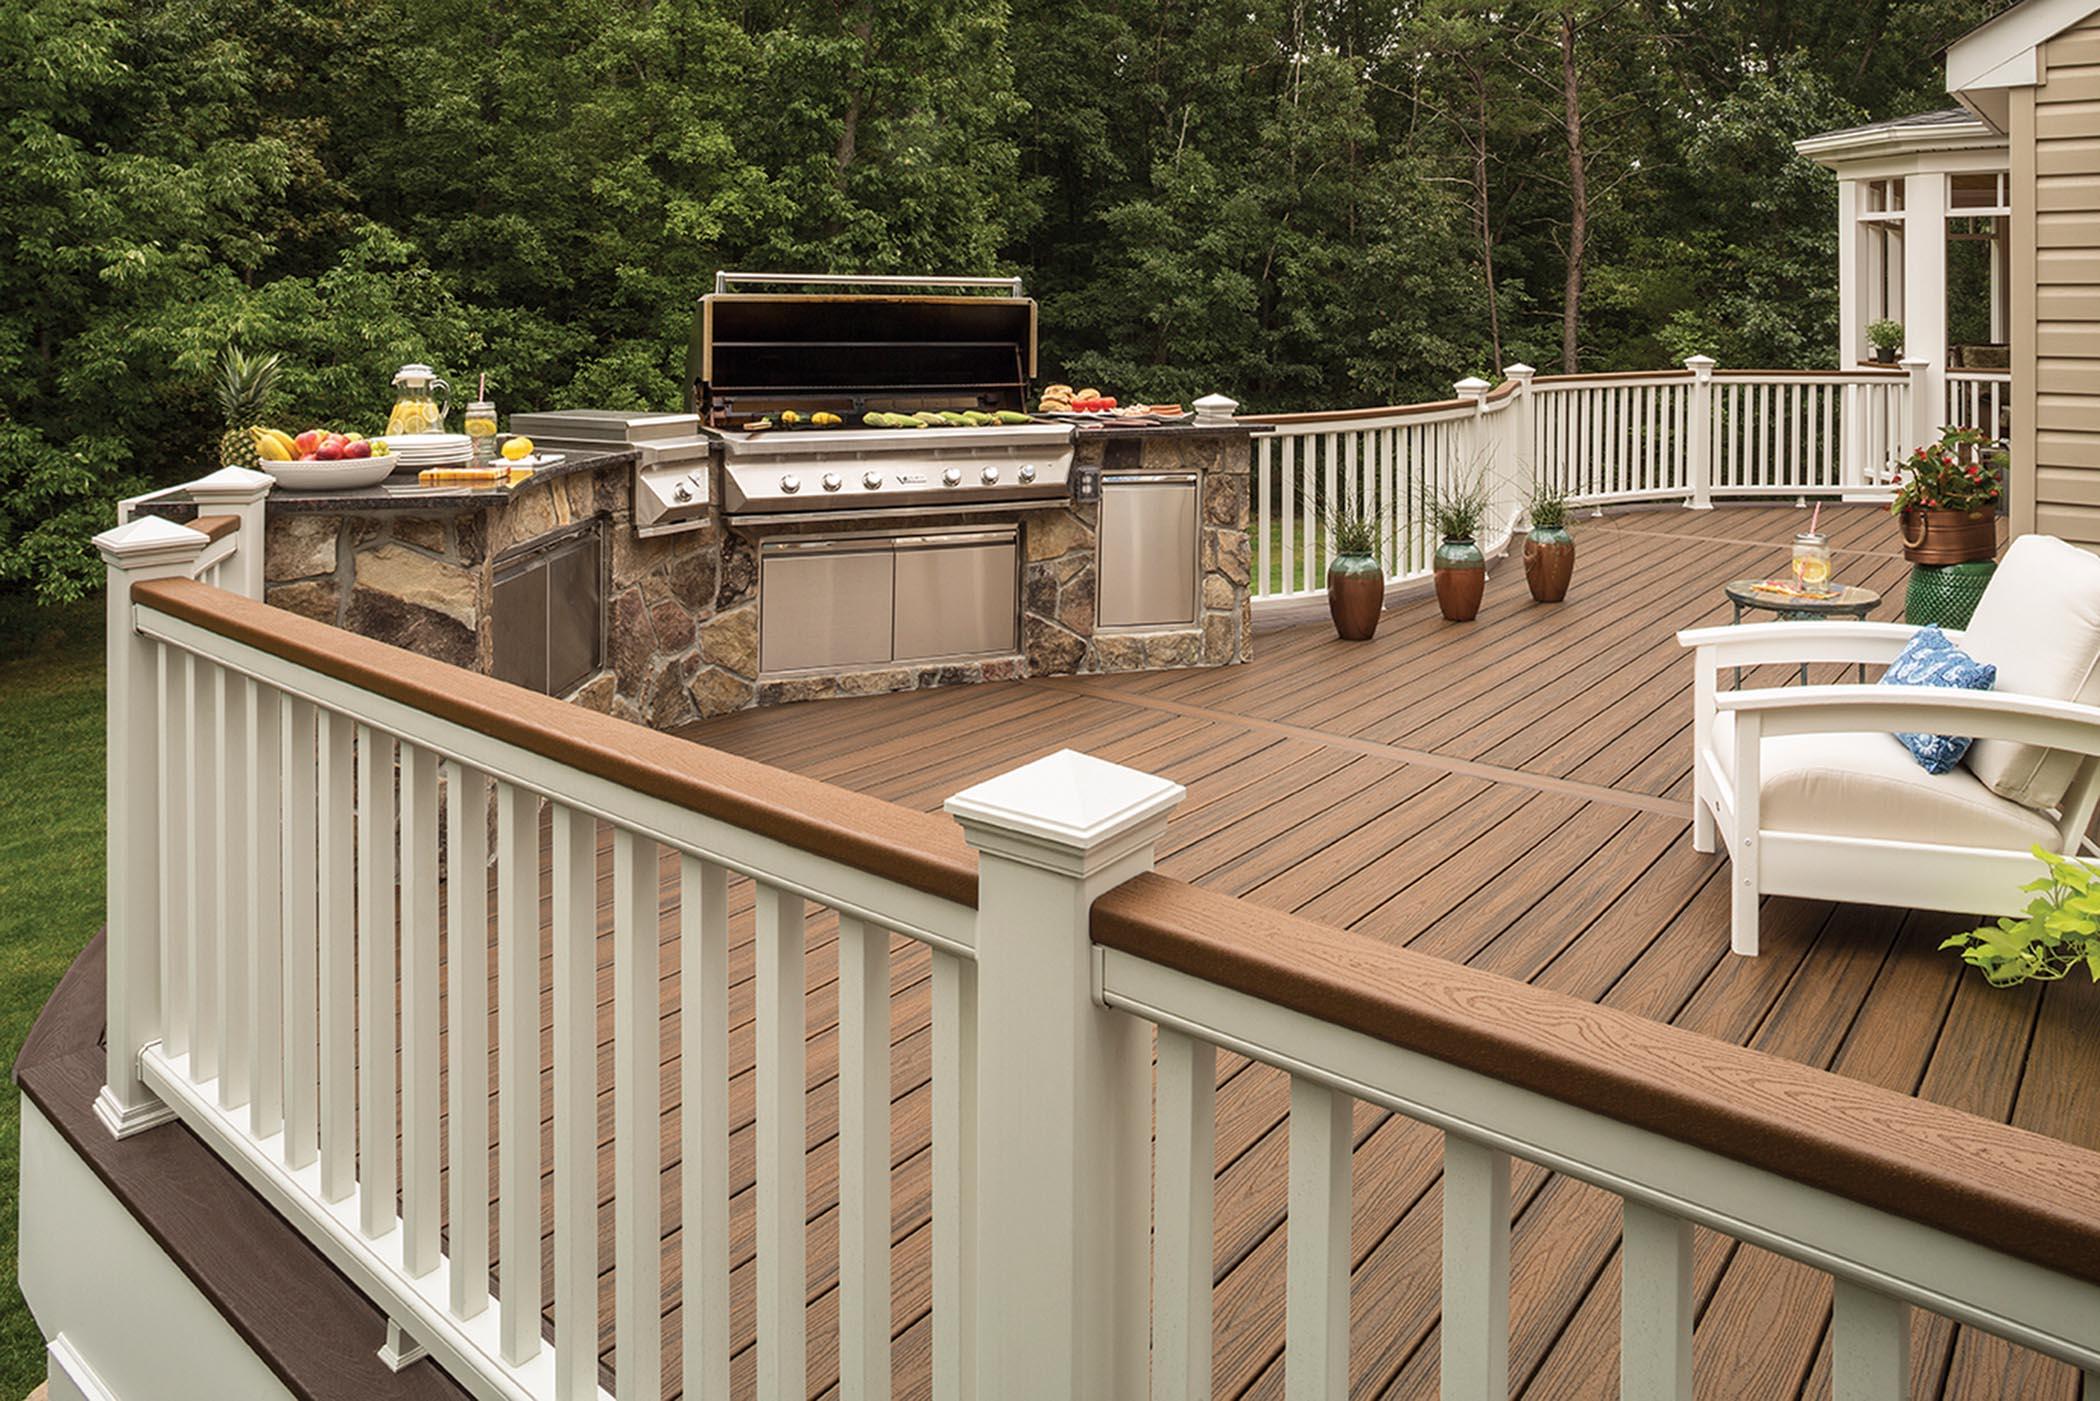 composite deck five advantages of composite decks UDKHEHP